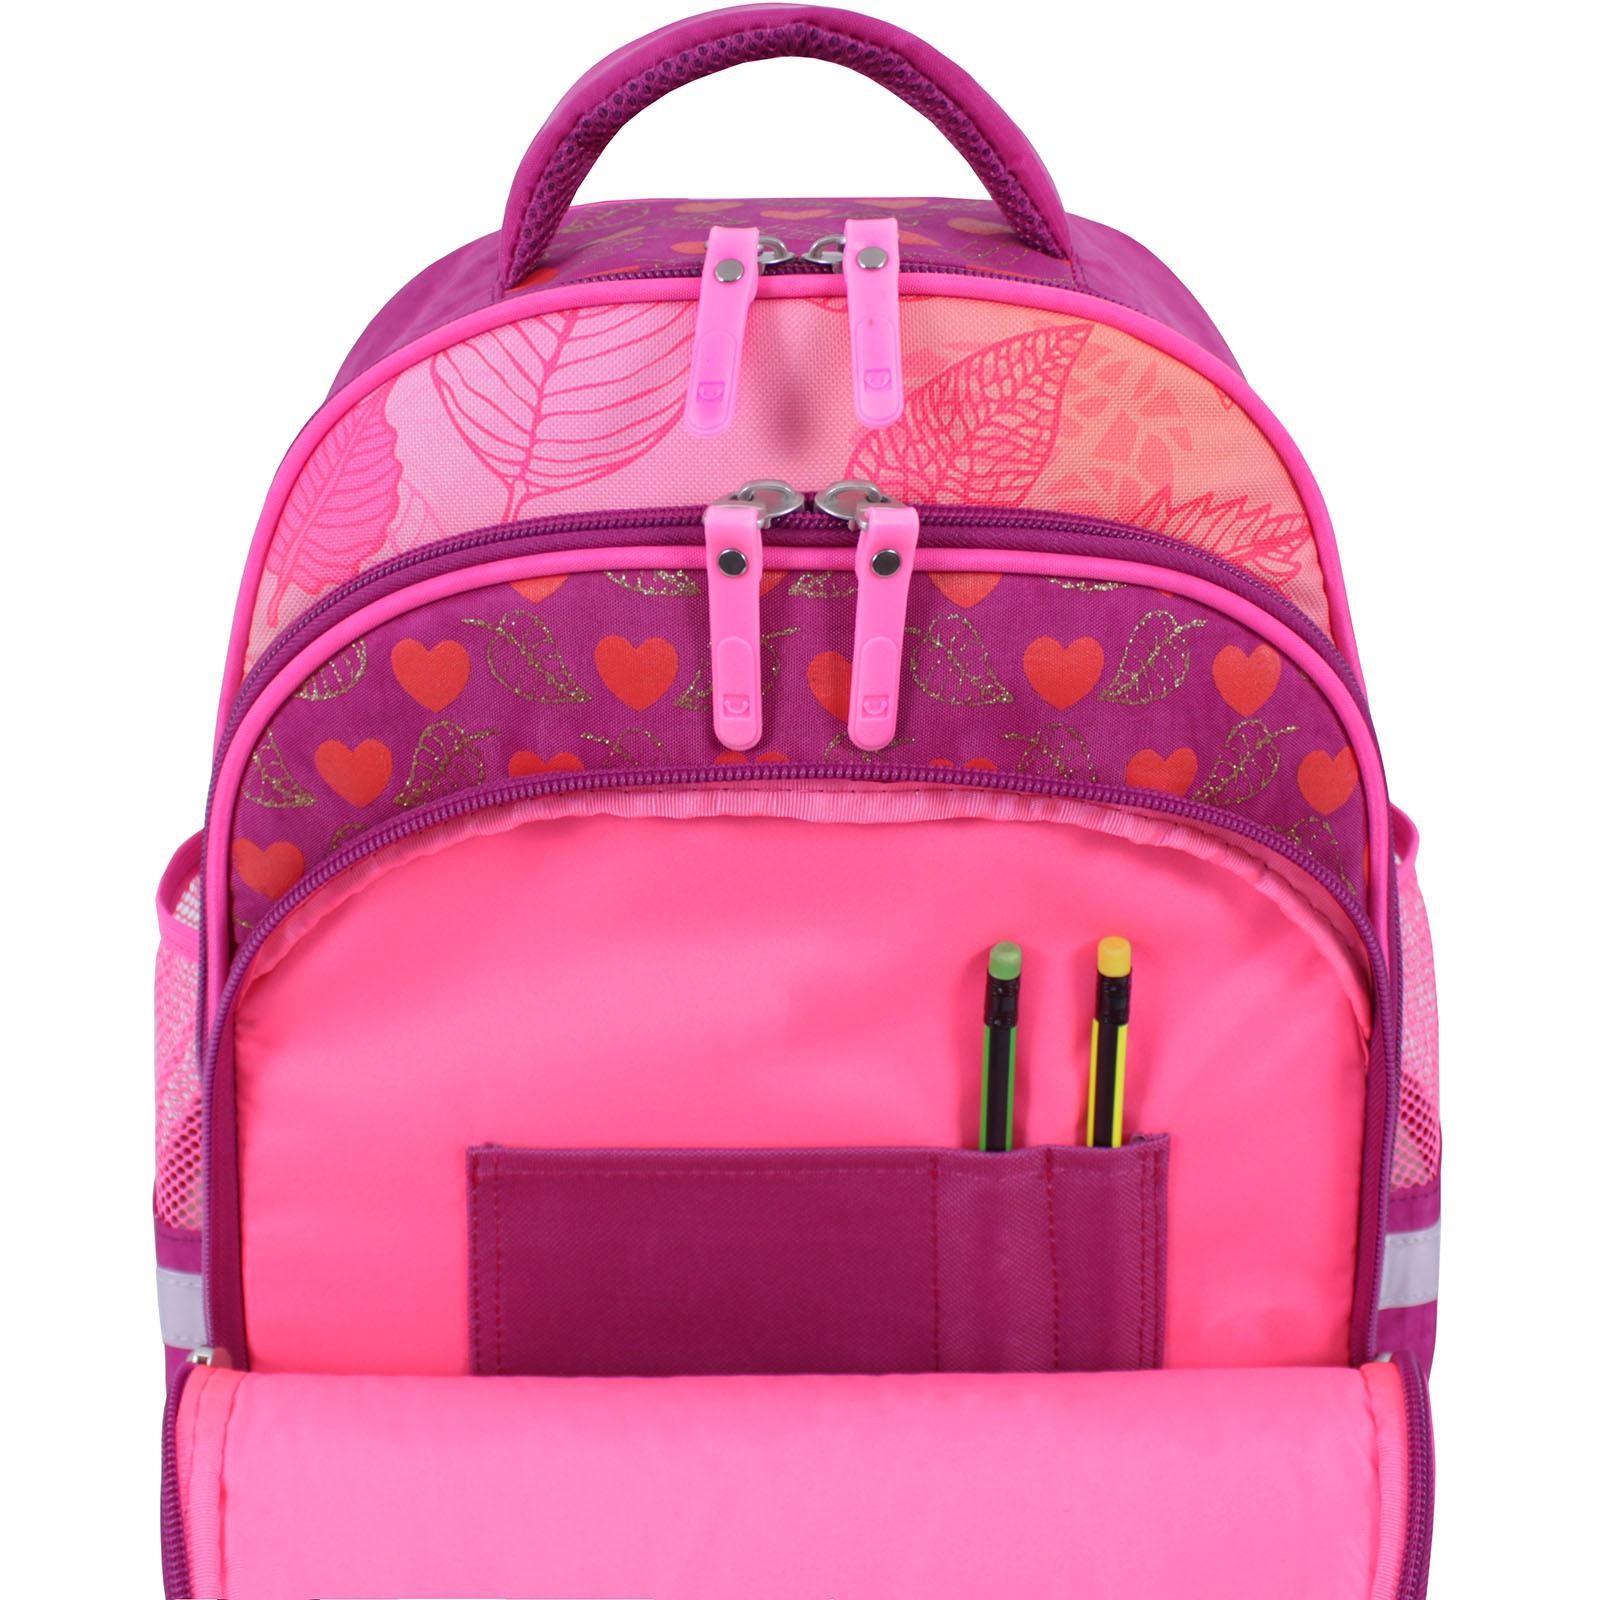 Рюкзак школьный Bagland Mouse 143 малиновый 512 (0051370) фото 5